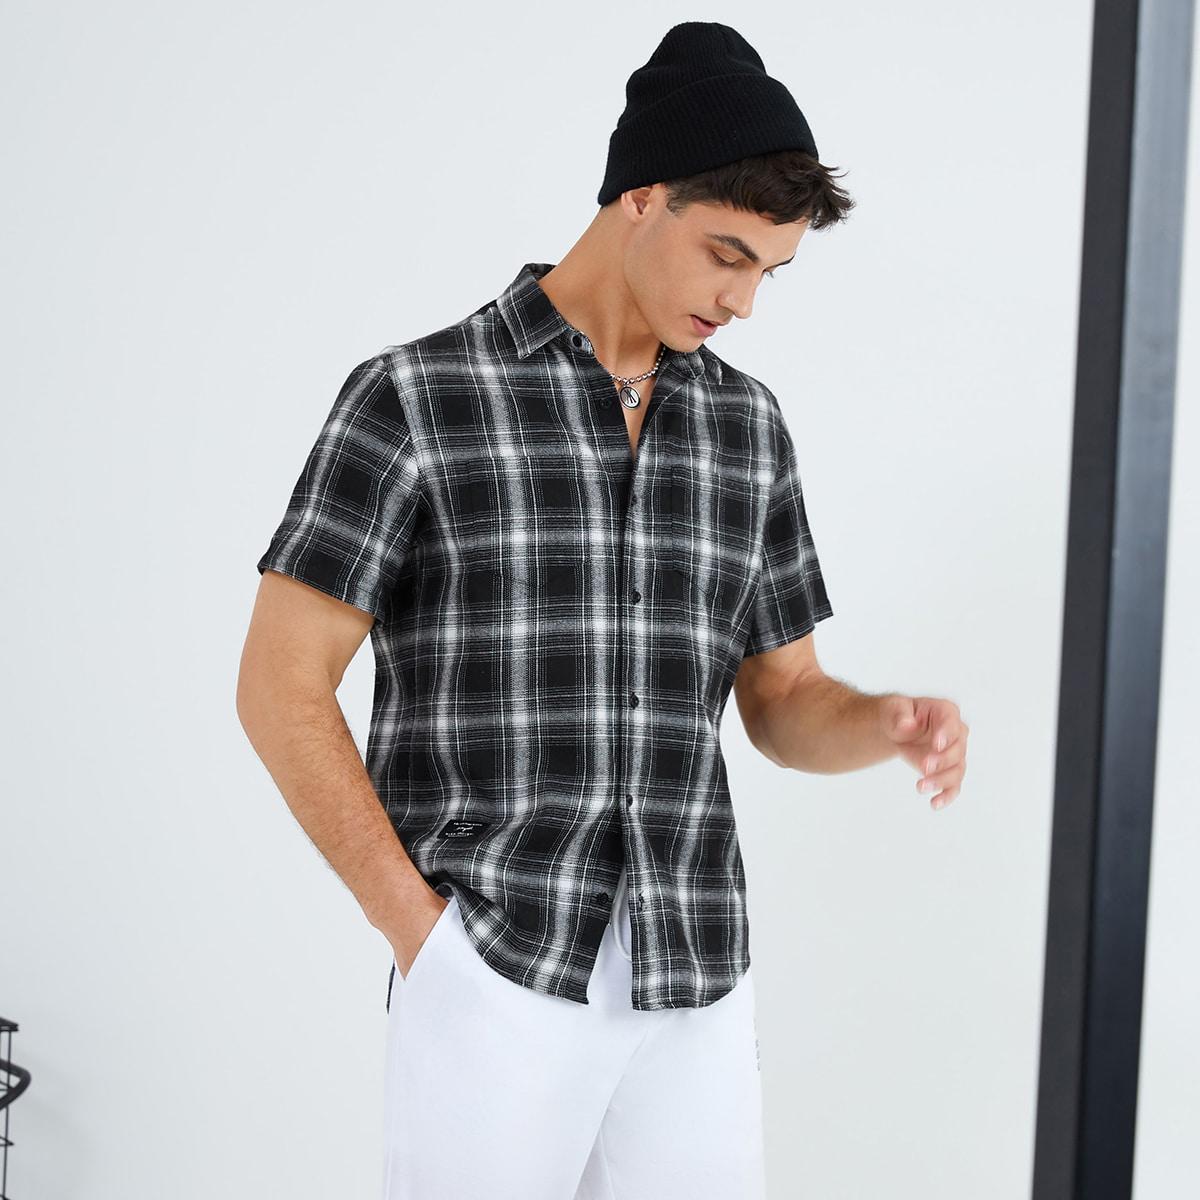 Мужской Рубашка в клетку на пуговицах SheIn smshirt07210508162